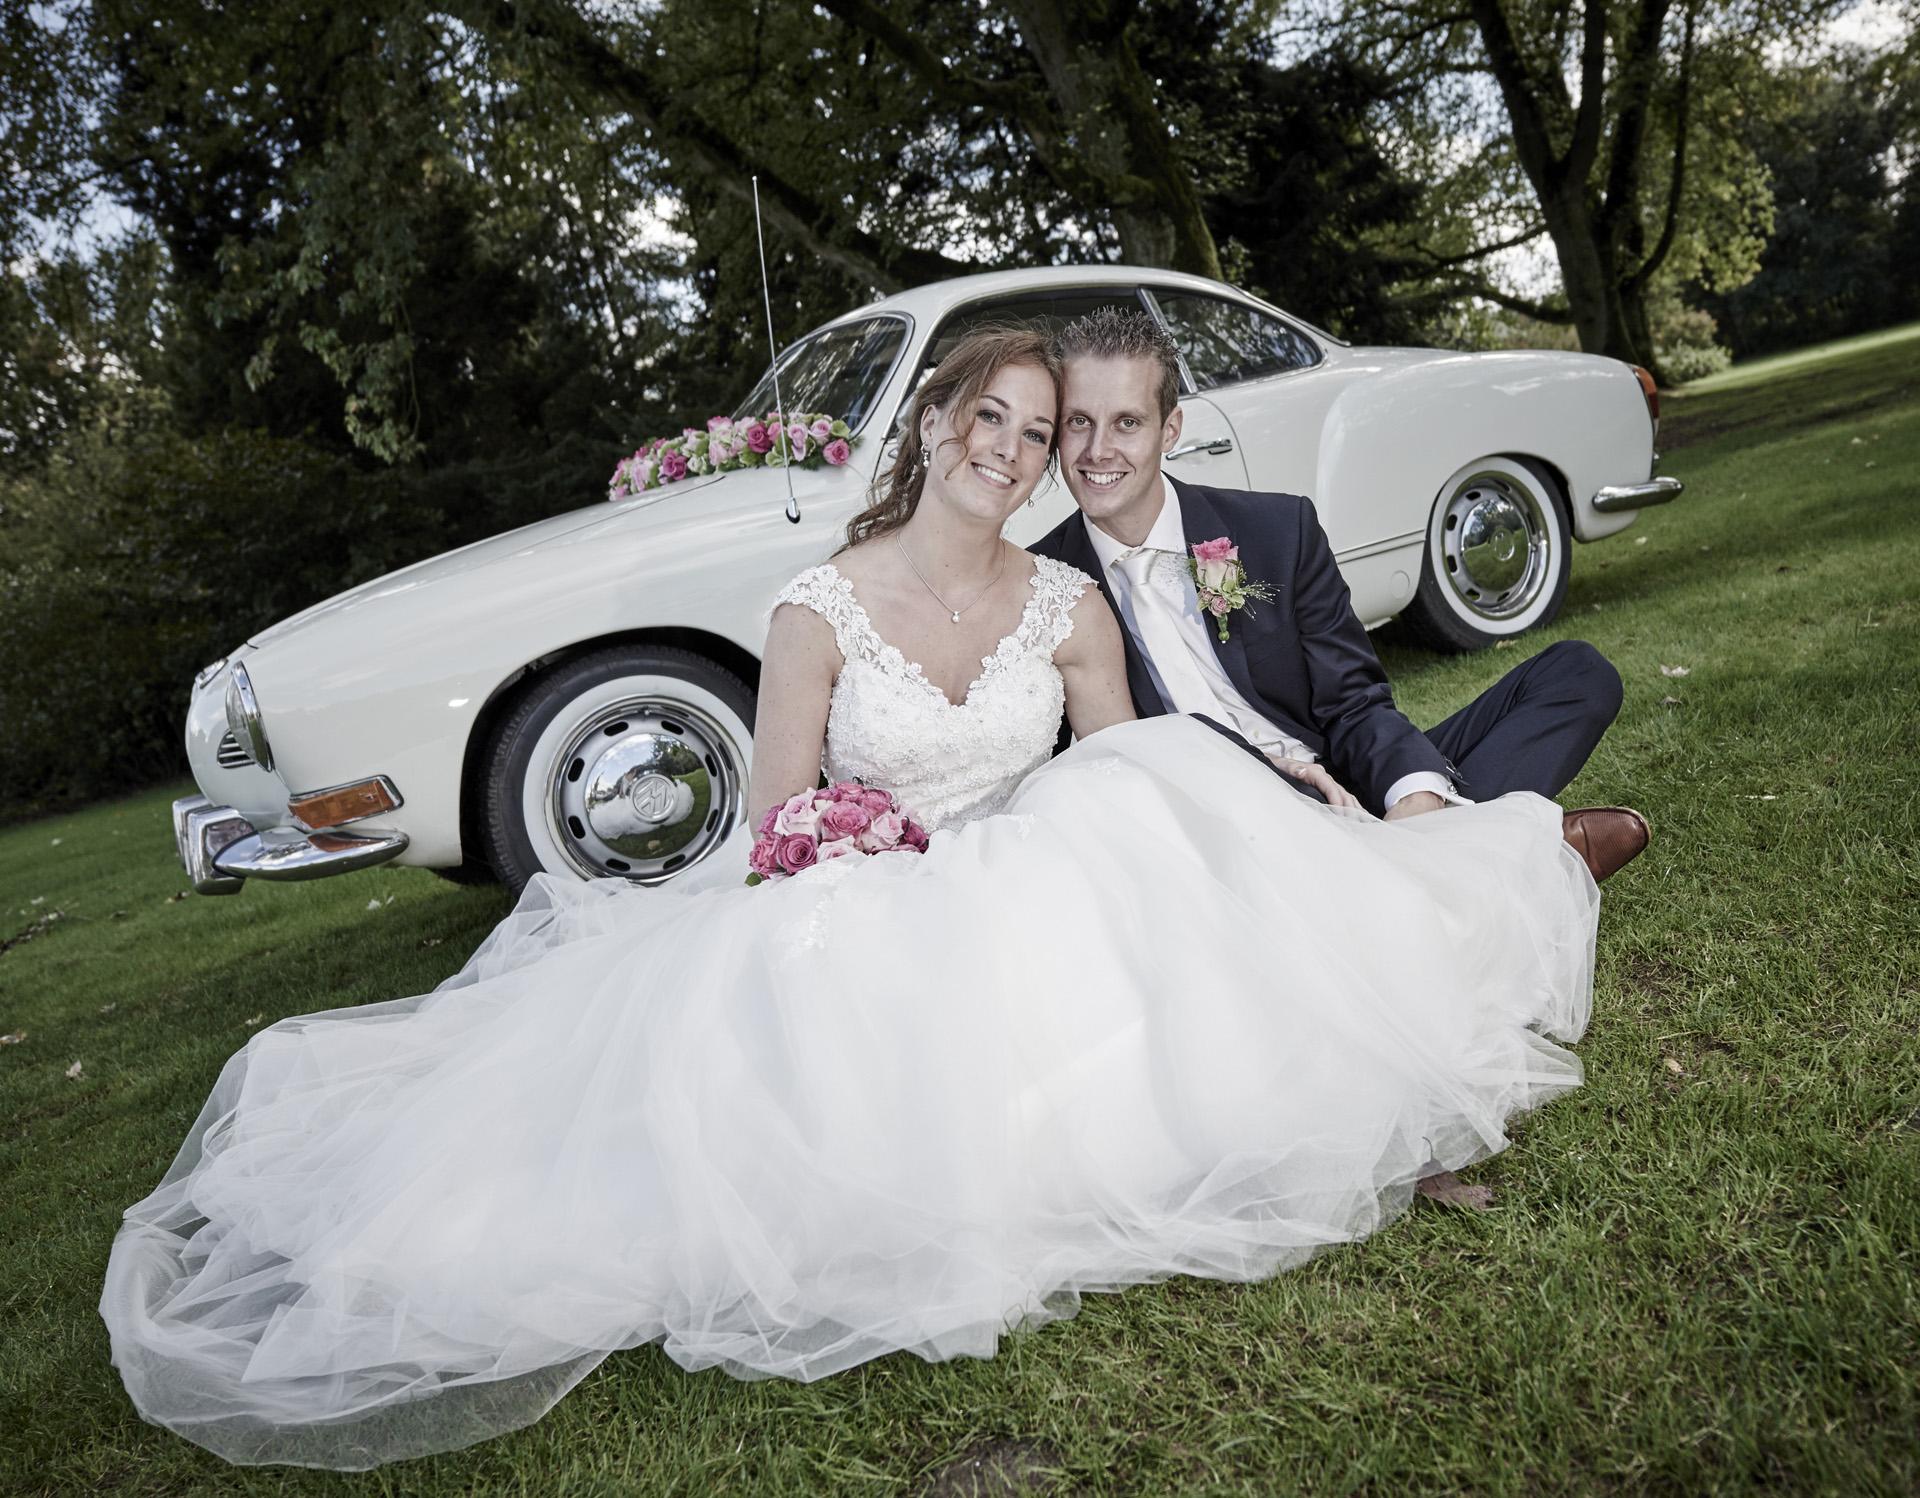 Huwelijk trouw auto foto ben professioneel fotograaf in